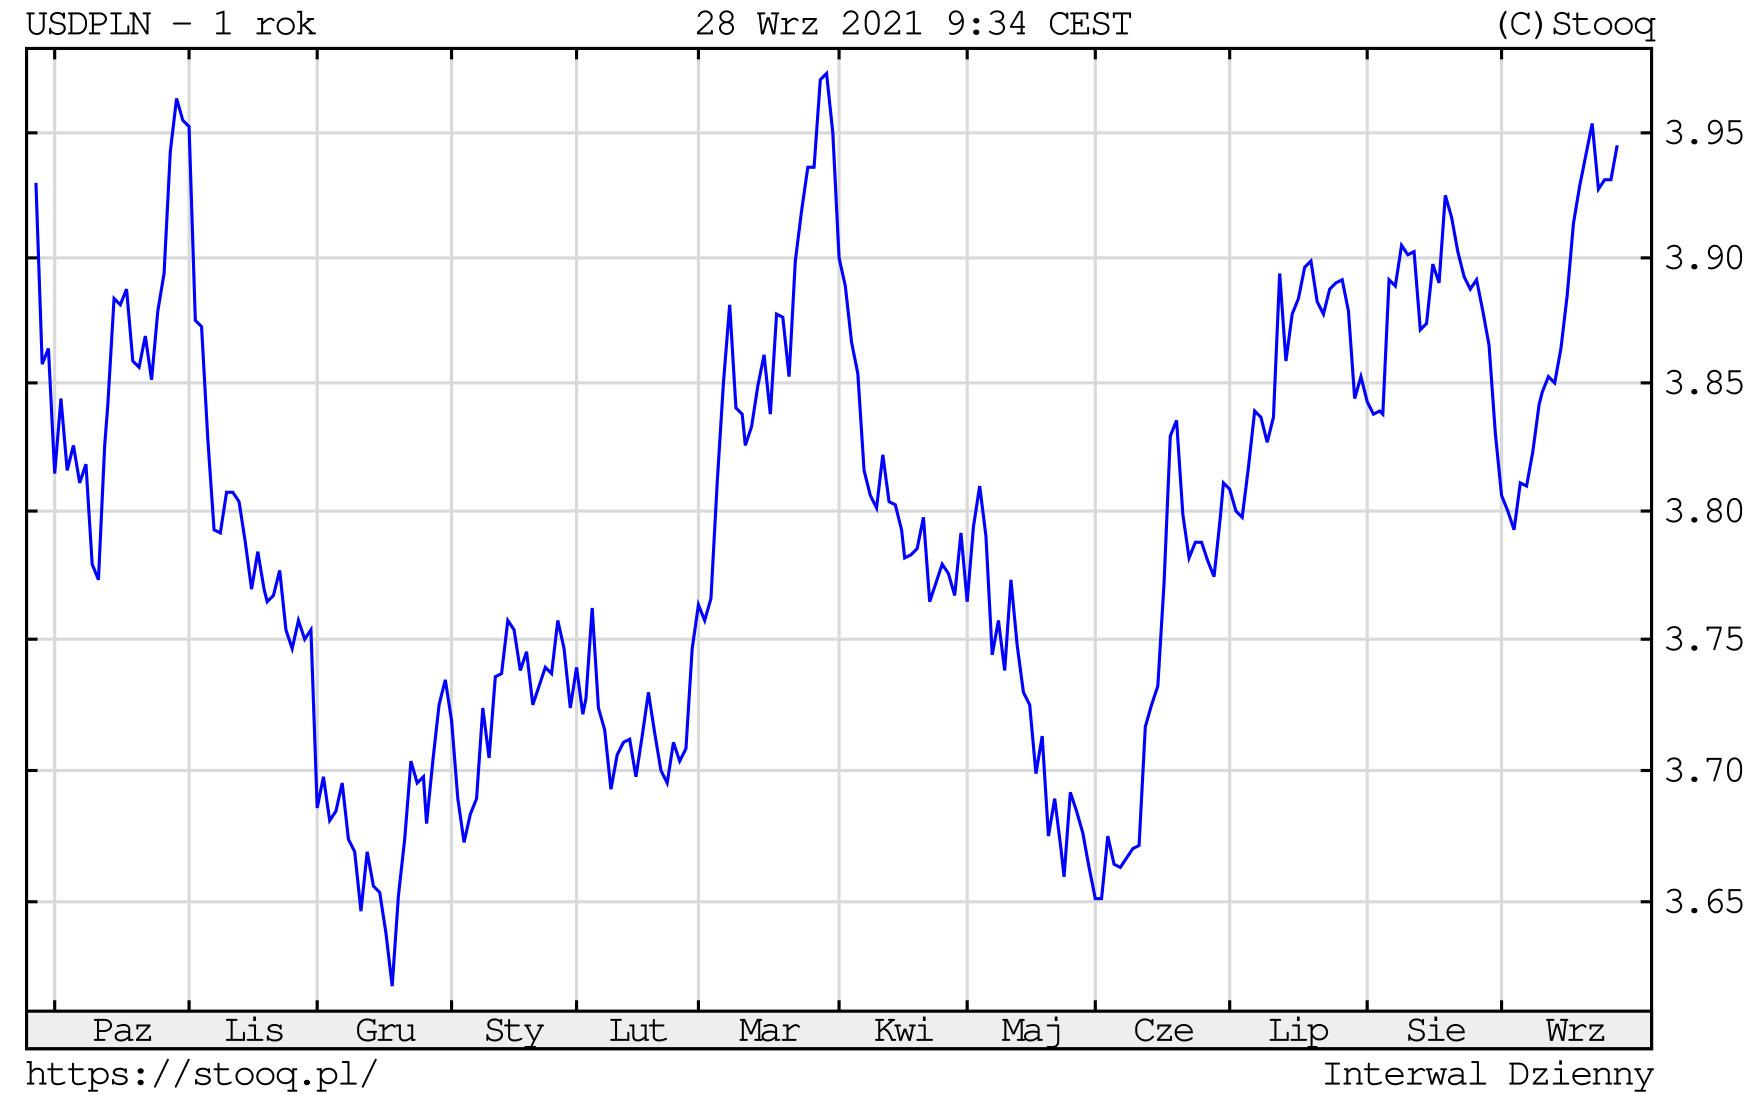 Kurs dolara we wtorek, 28 września 2021 roku. Notowania USD/PLN na wykresie dziennym